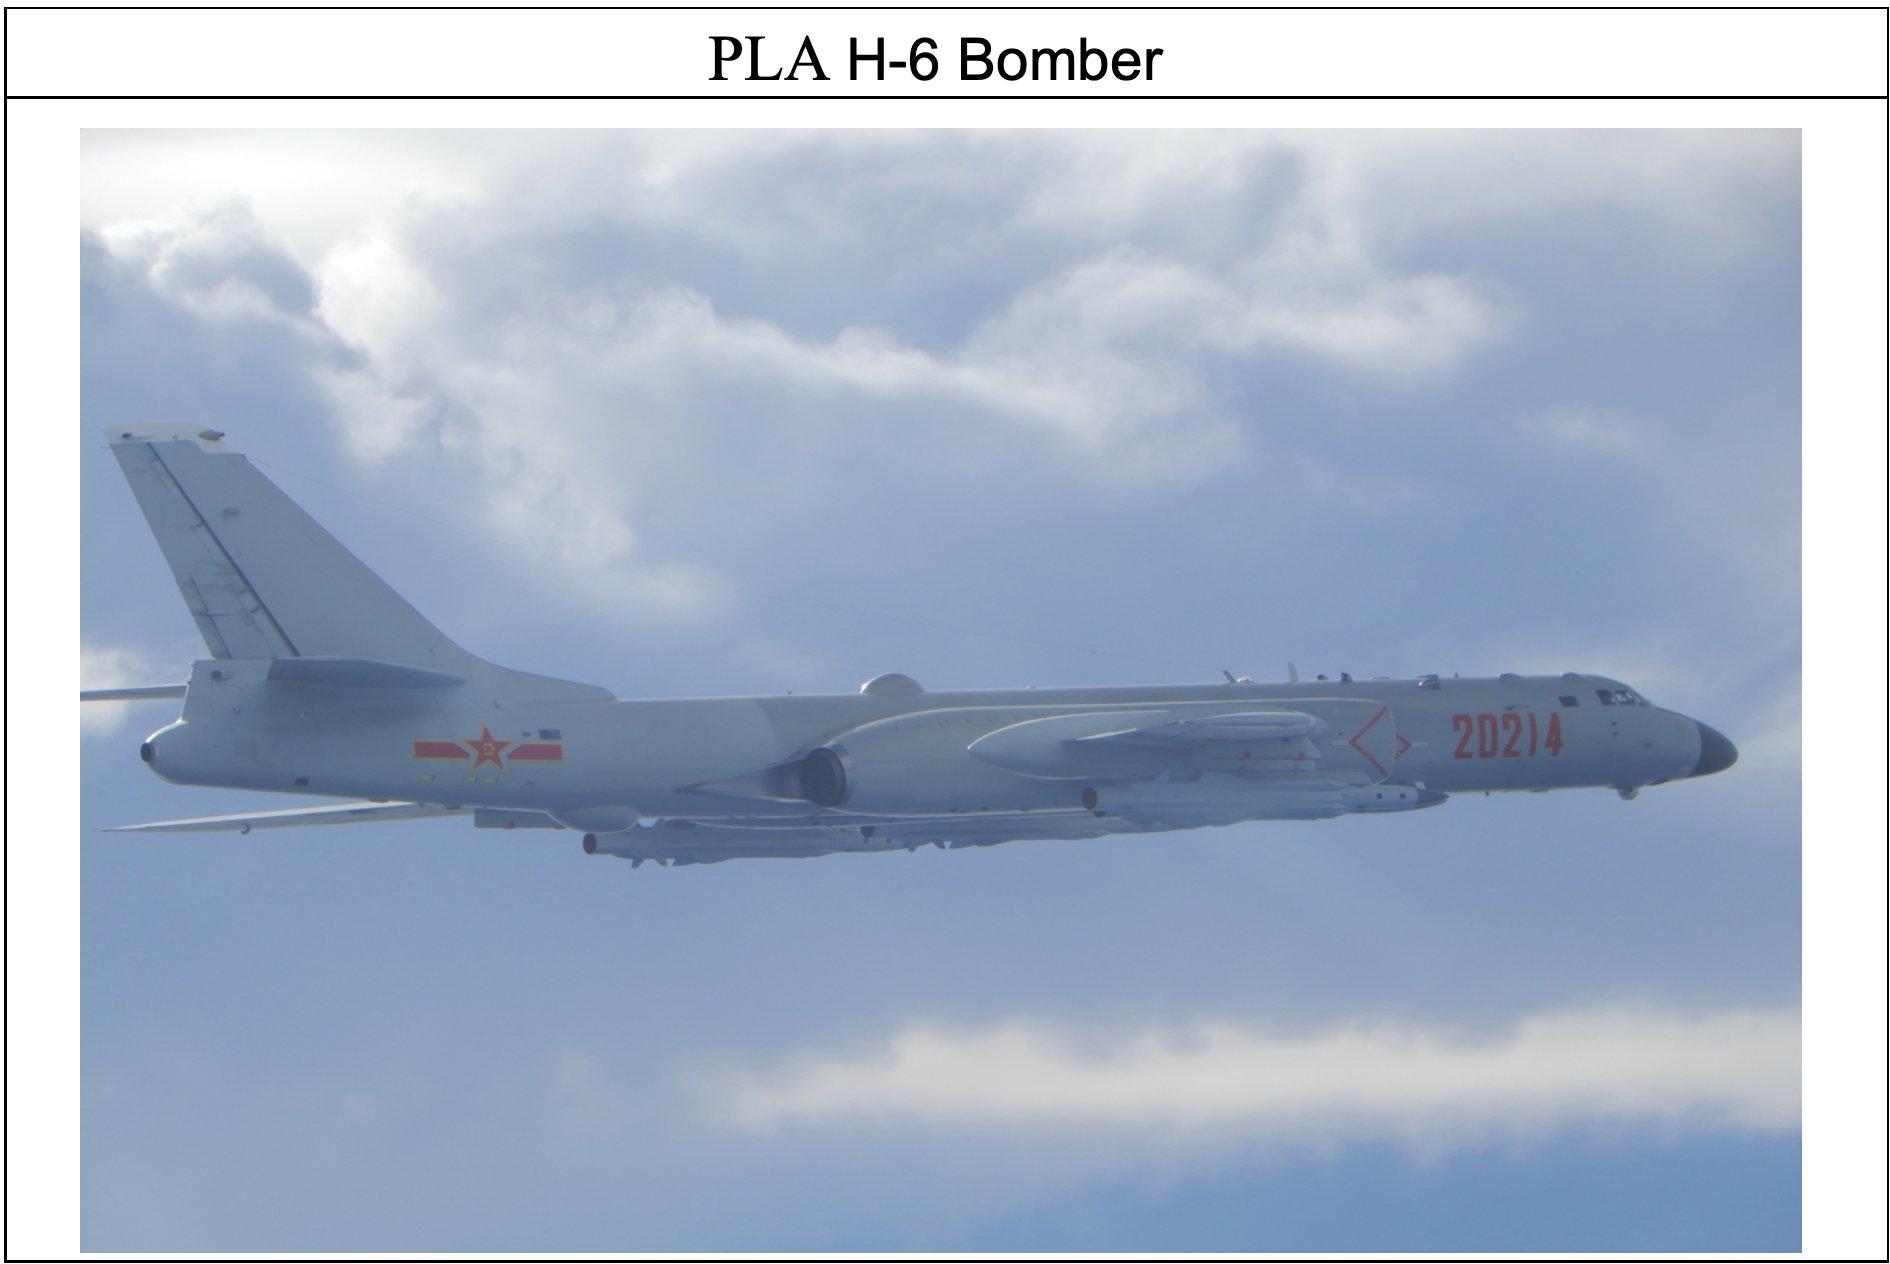 台军拍摄到的轰-6K,加挂了4枚鹰击-12反舰导弹 图源:台军